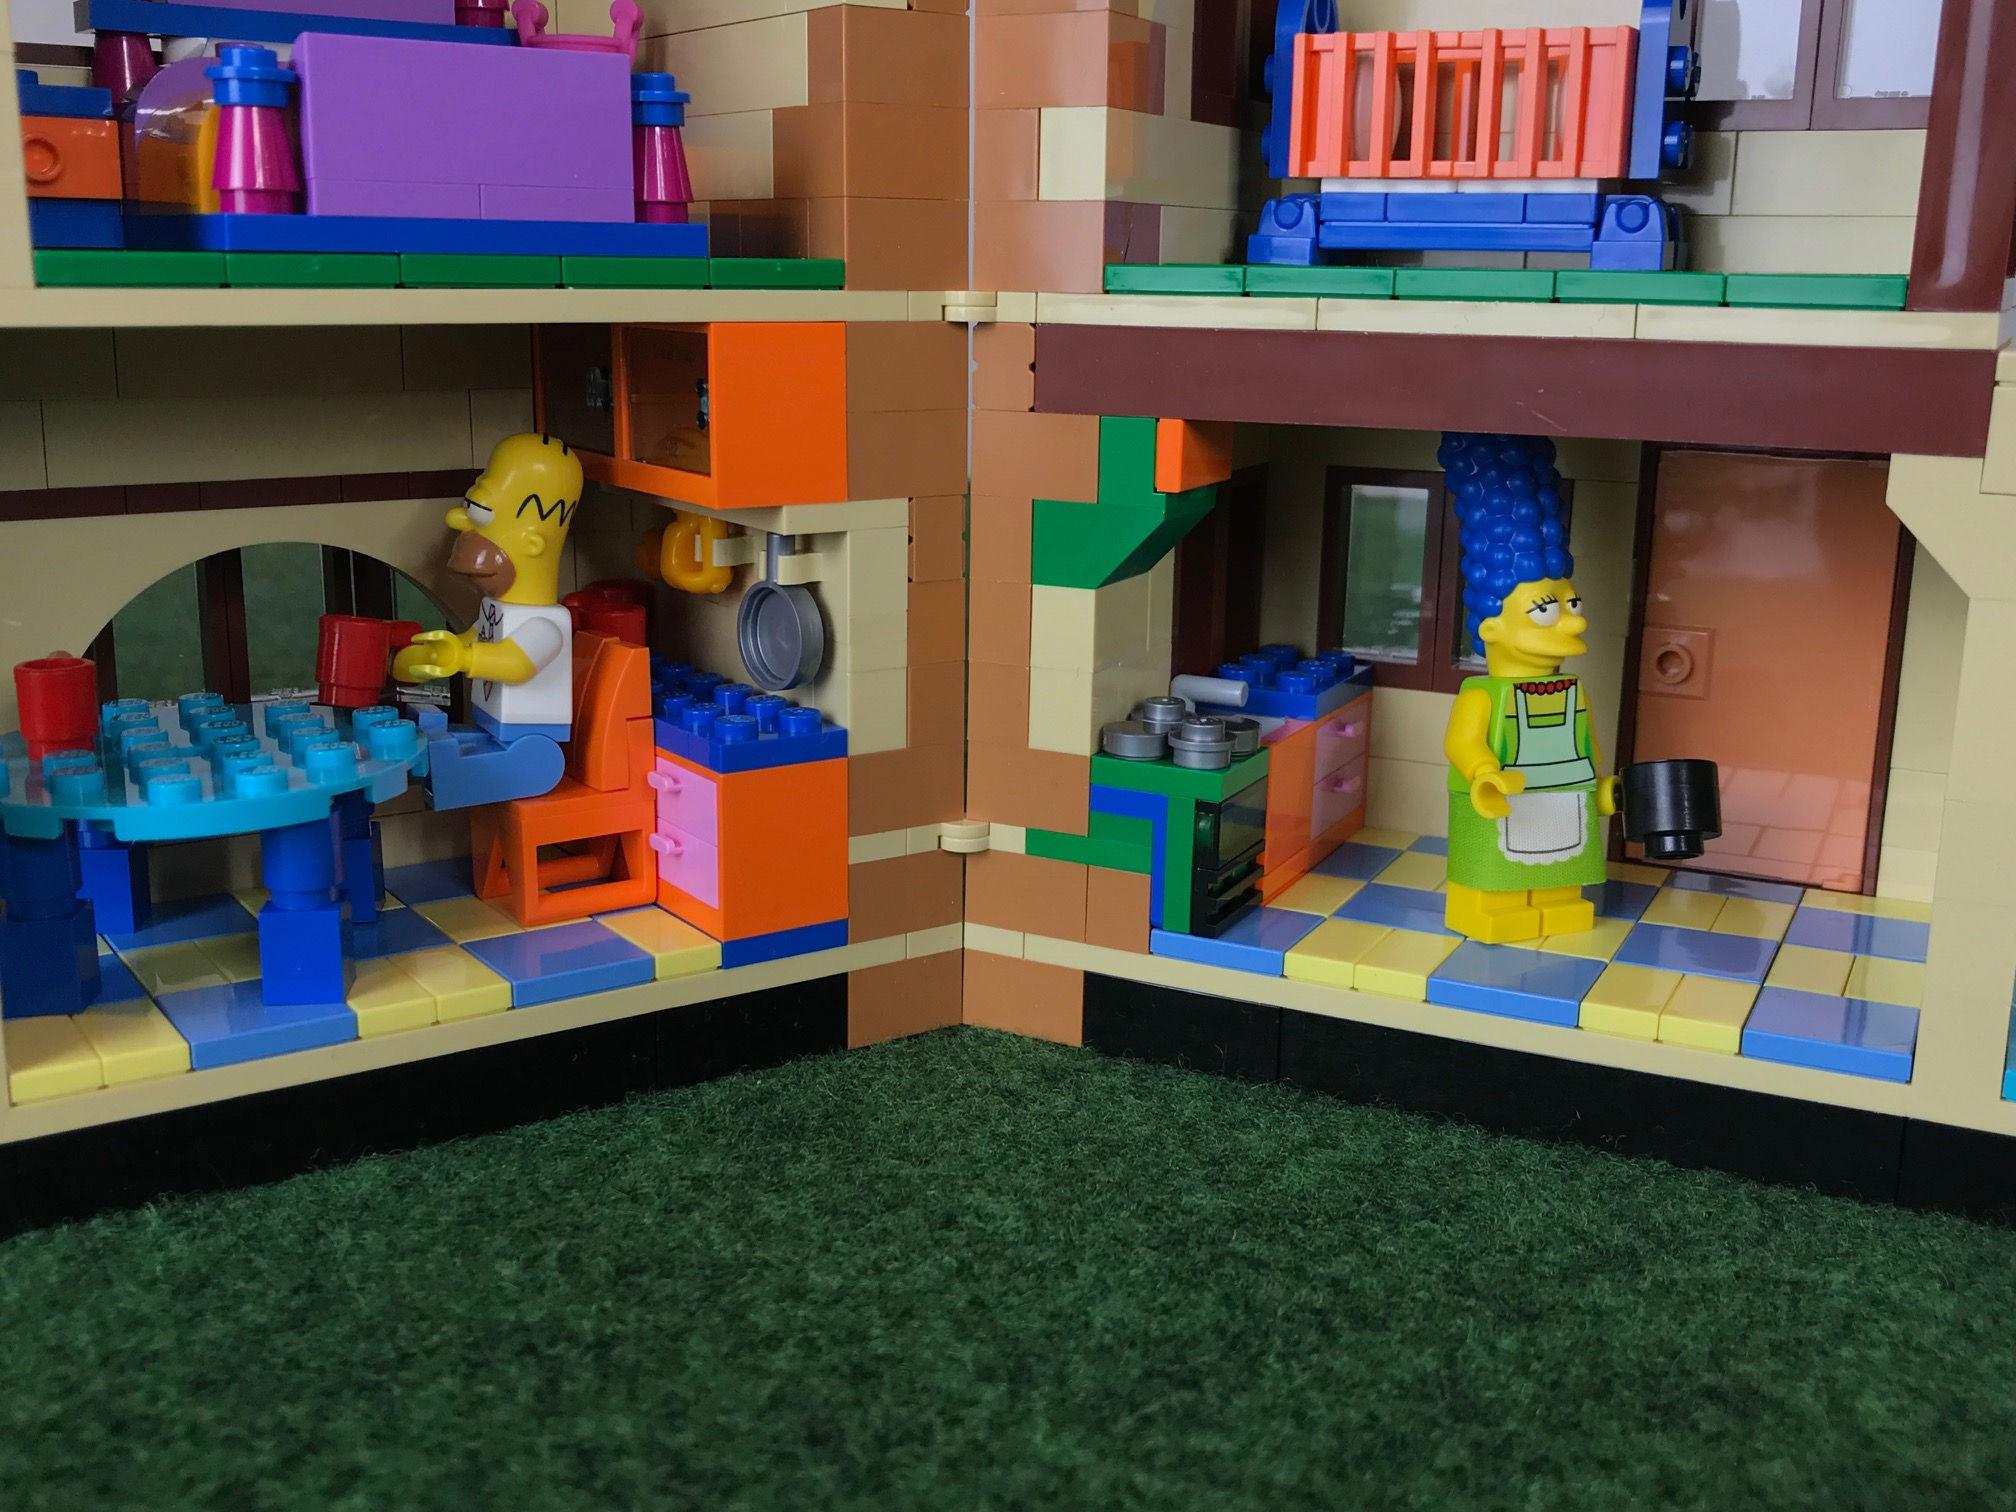 Lego küche küche ikea aufbau kosten magnolia unterschrank selber